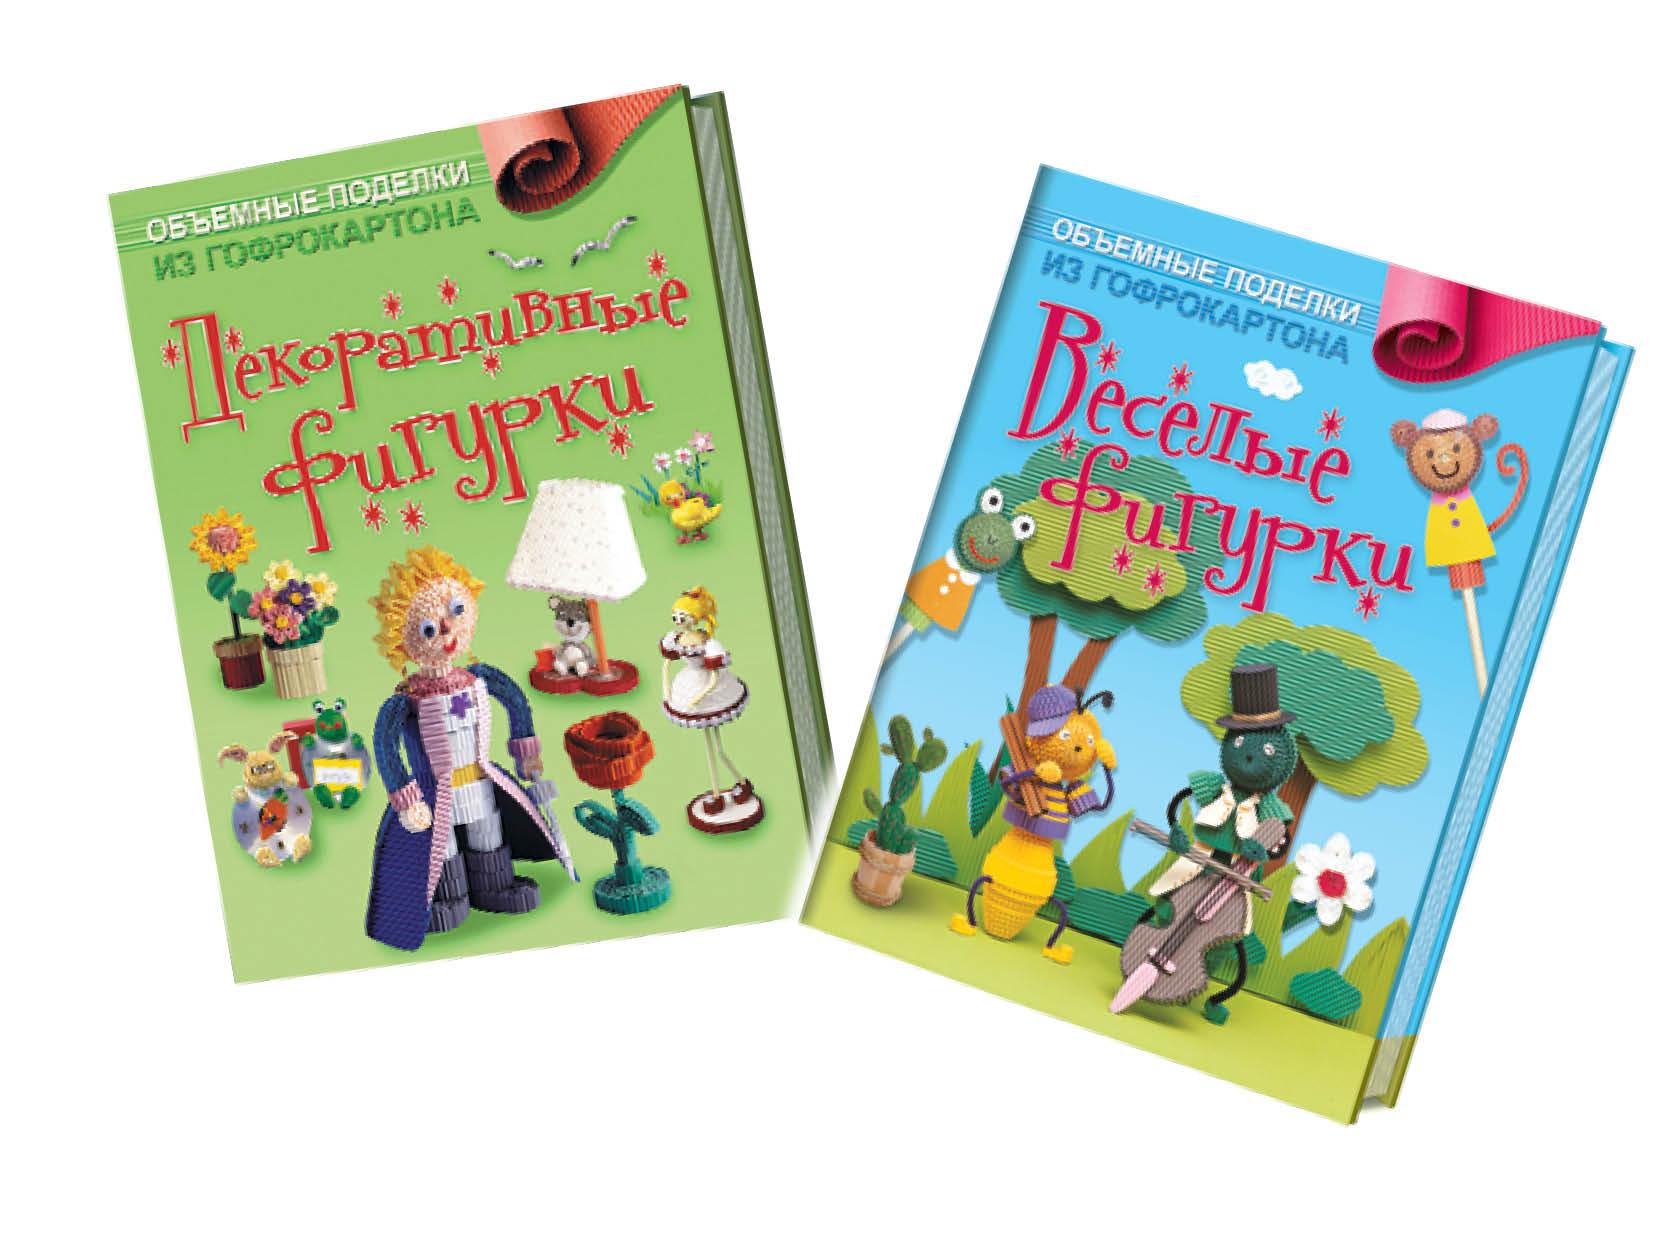 Поделки из гофрокартона (комплект из 2 книг)